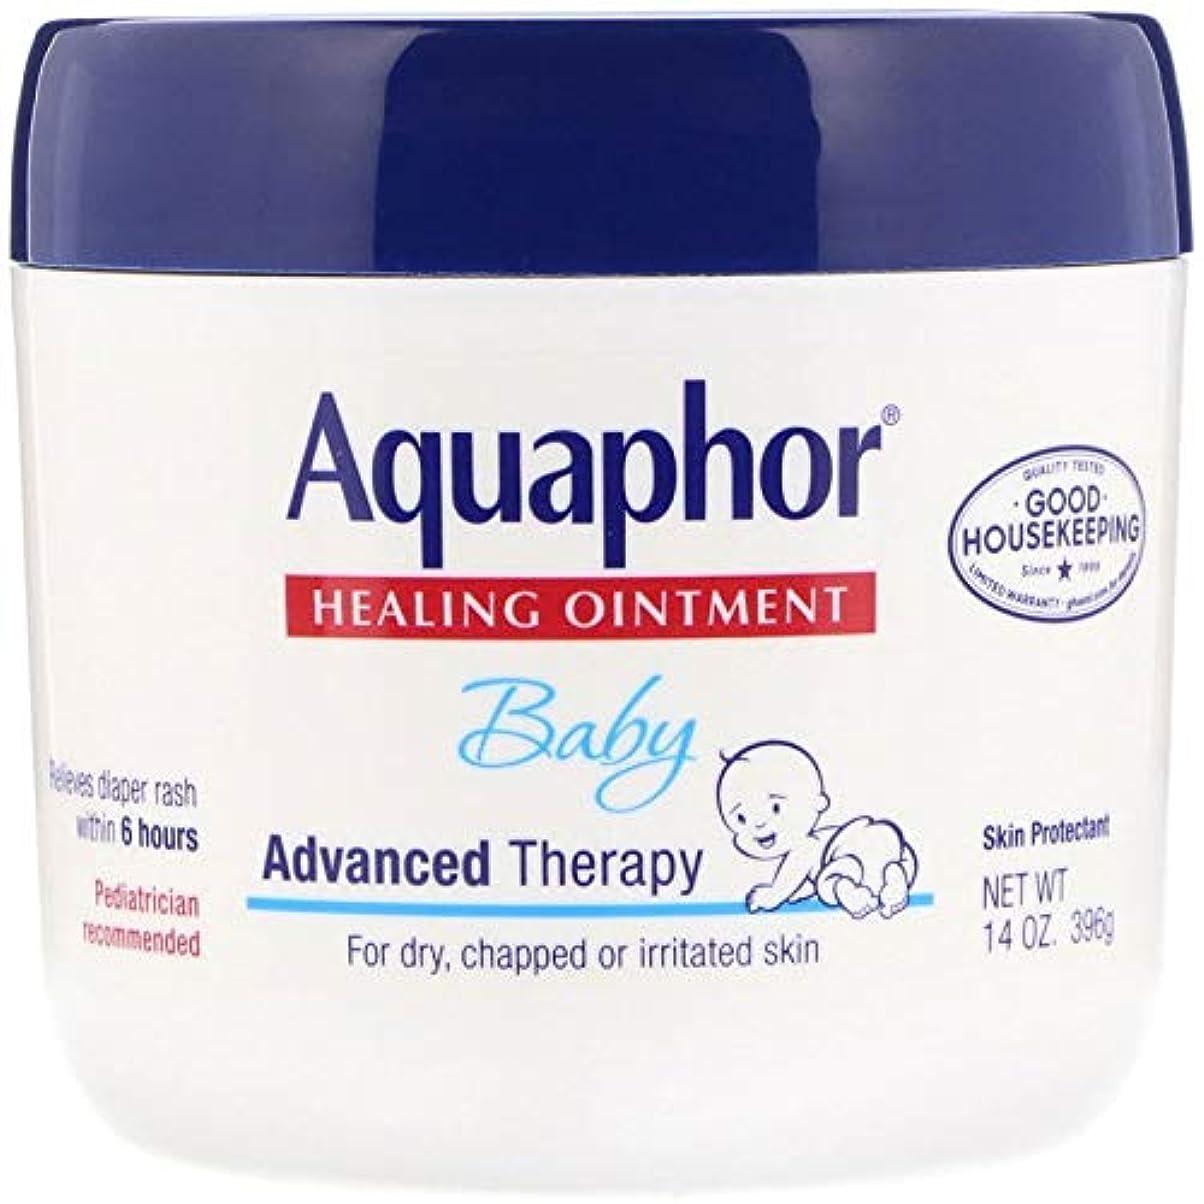 便宜恐怖症Aquaphor Baby Healing Ointment Advanced Therapy Skin Protectant 14オンス(396 g)X 3パック